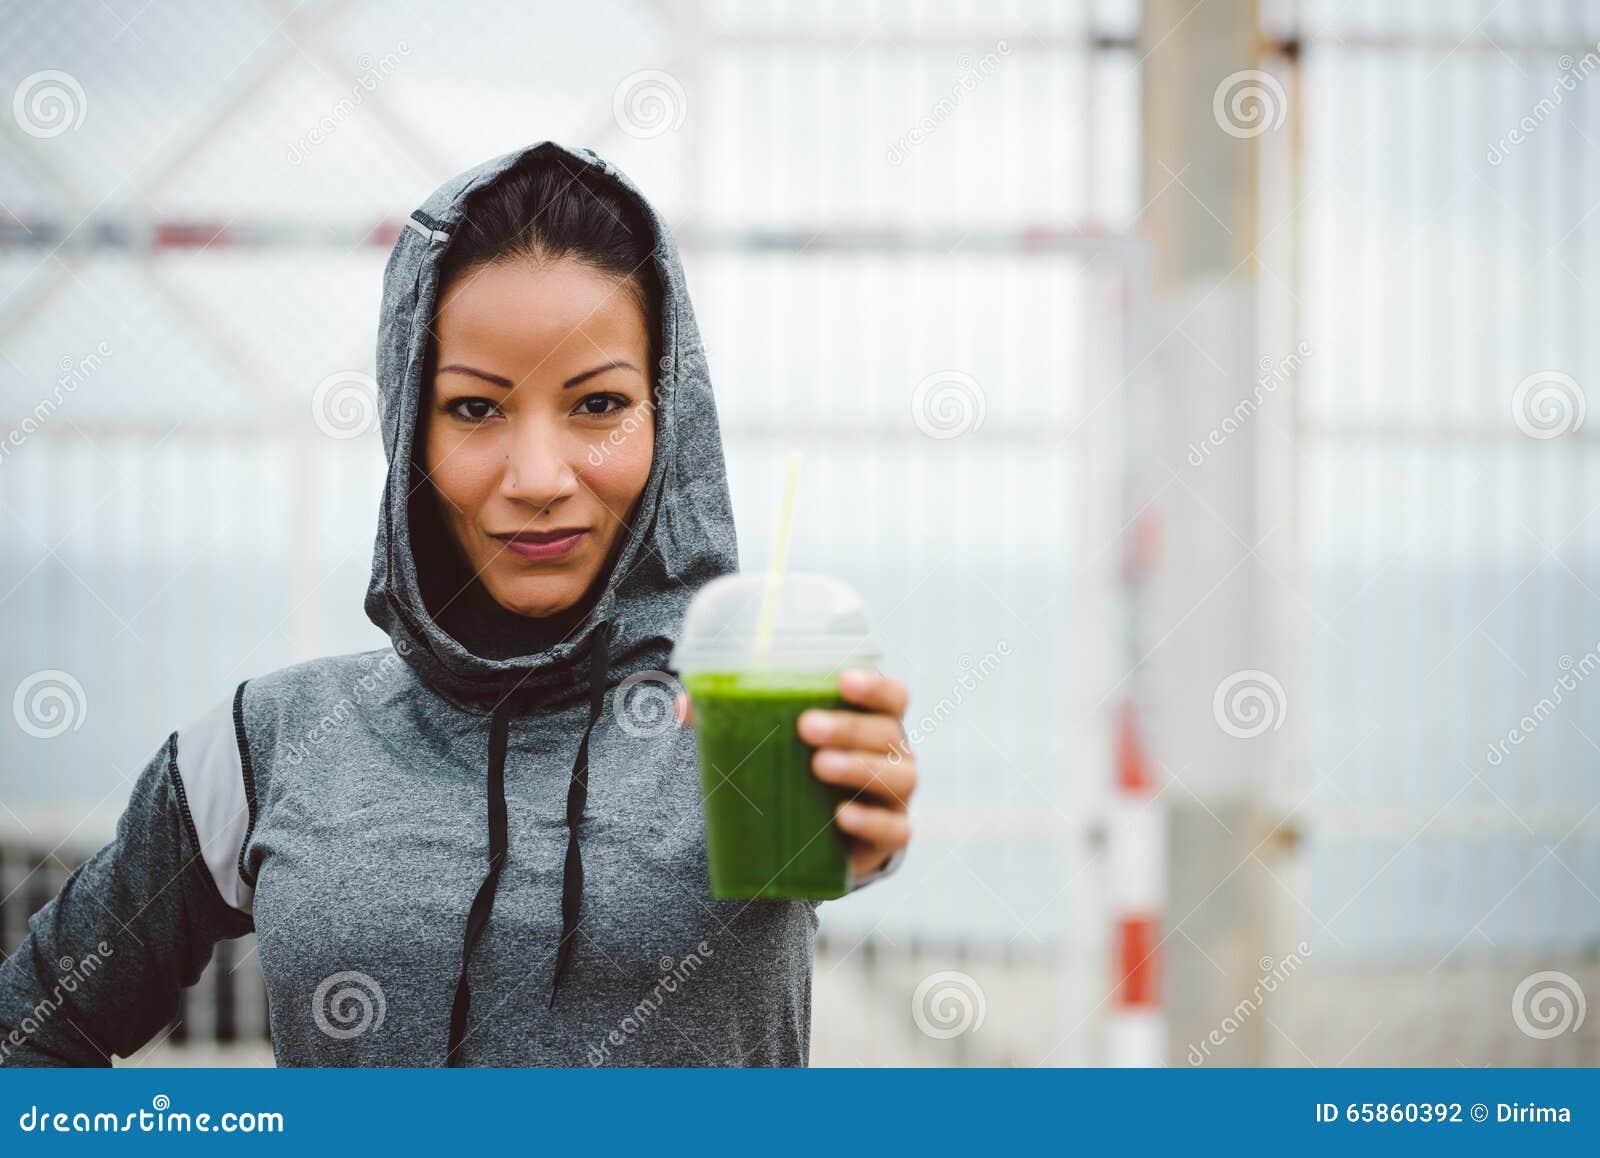 Stedelijke de holdings detox smoothie drank van de geschiktheidsvrouw op trainingrust